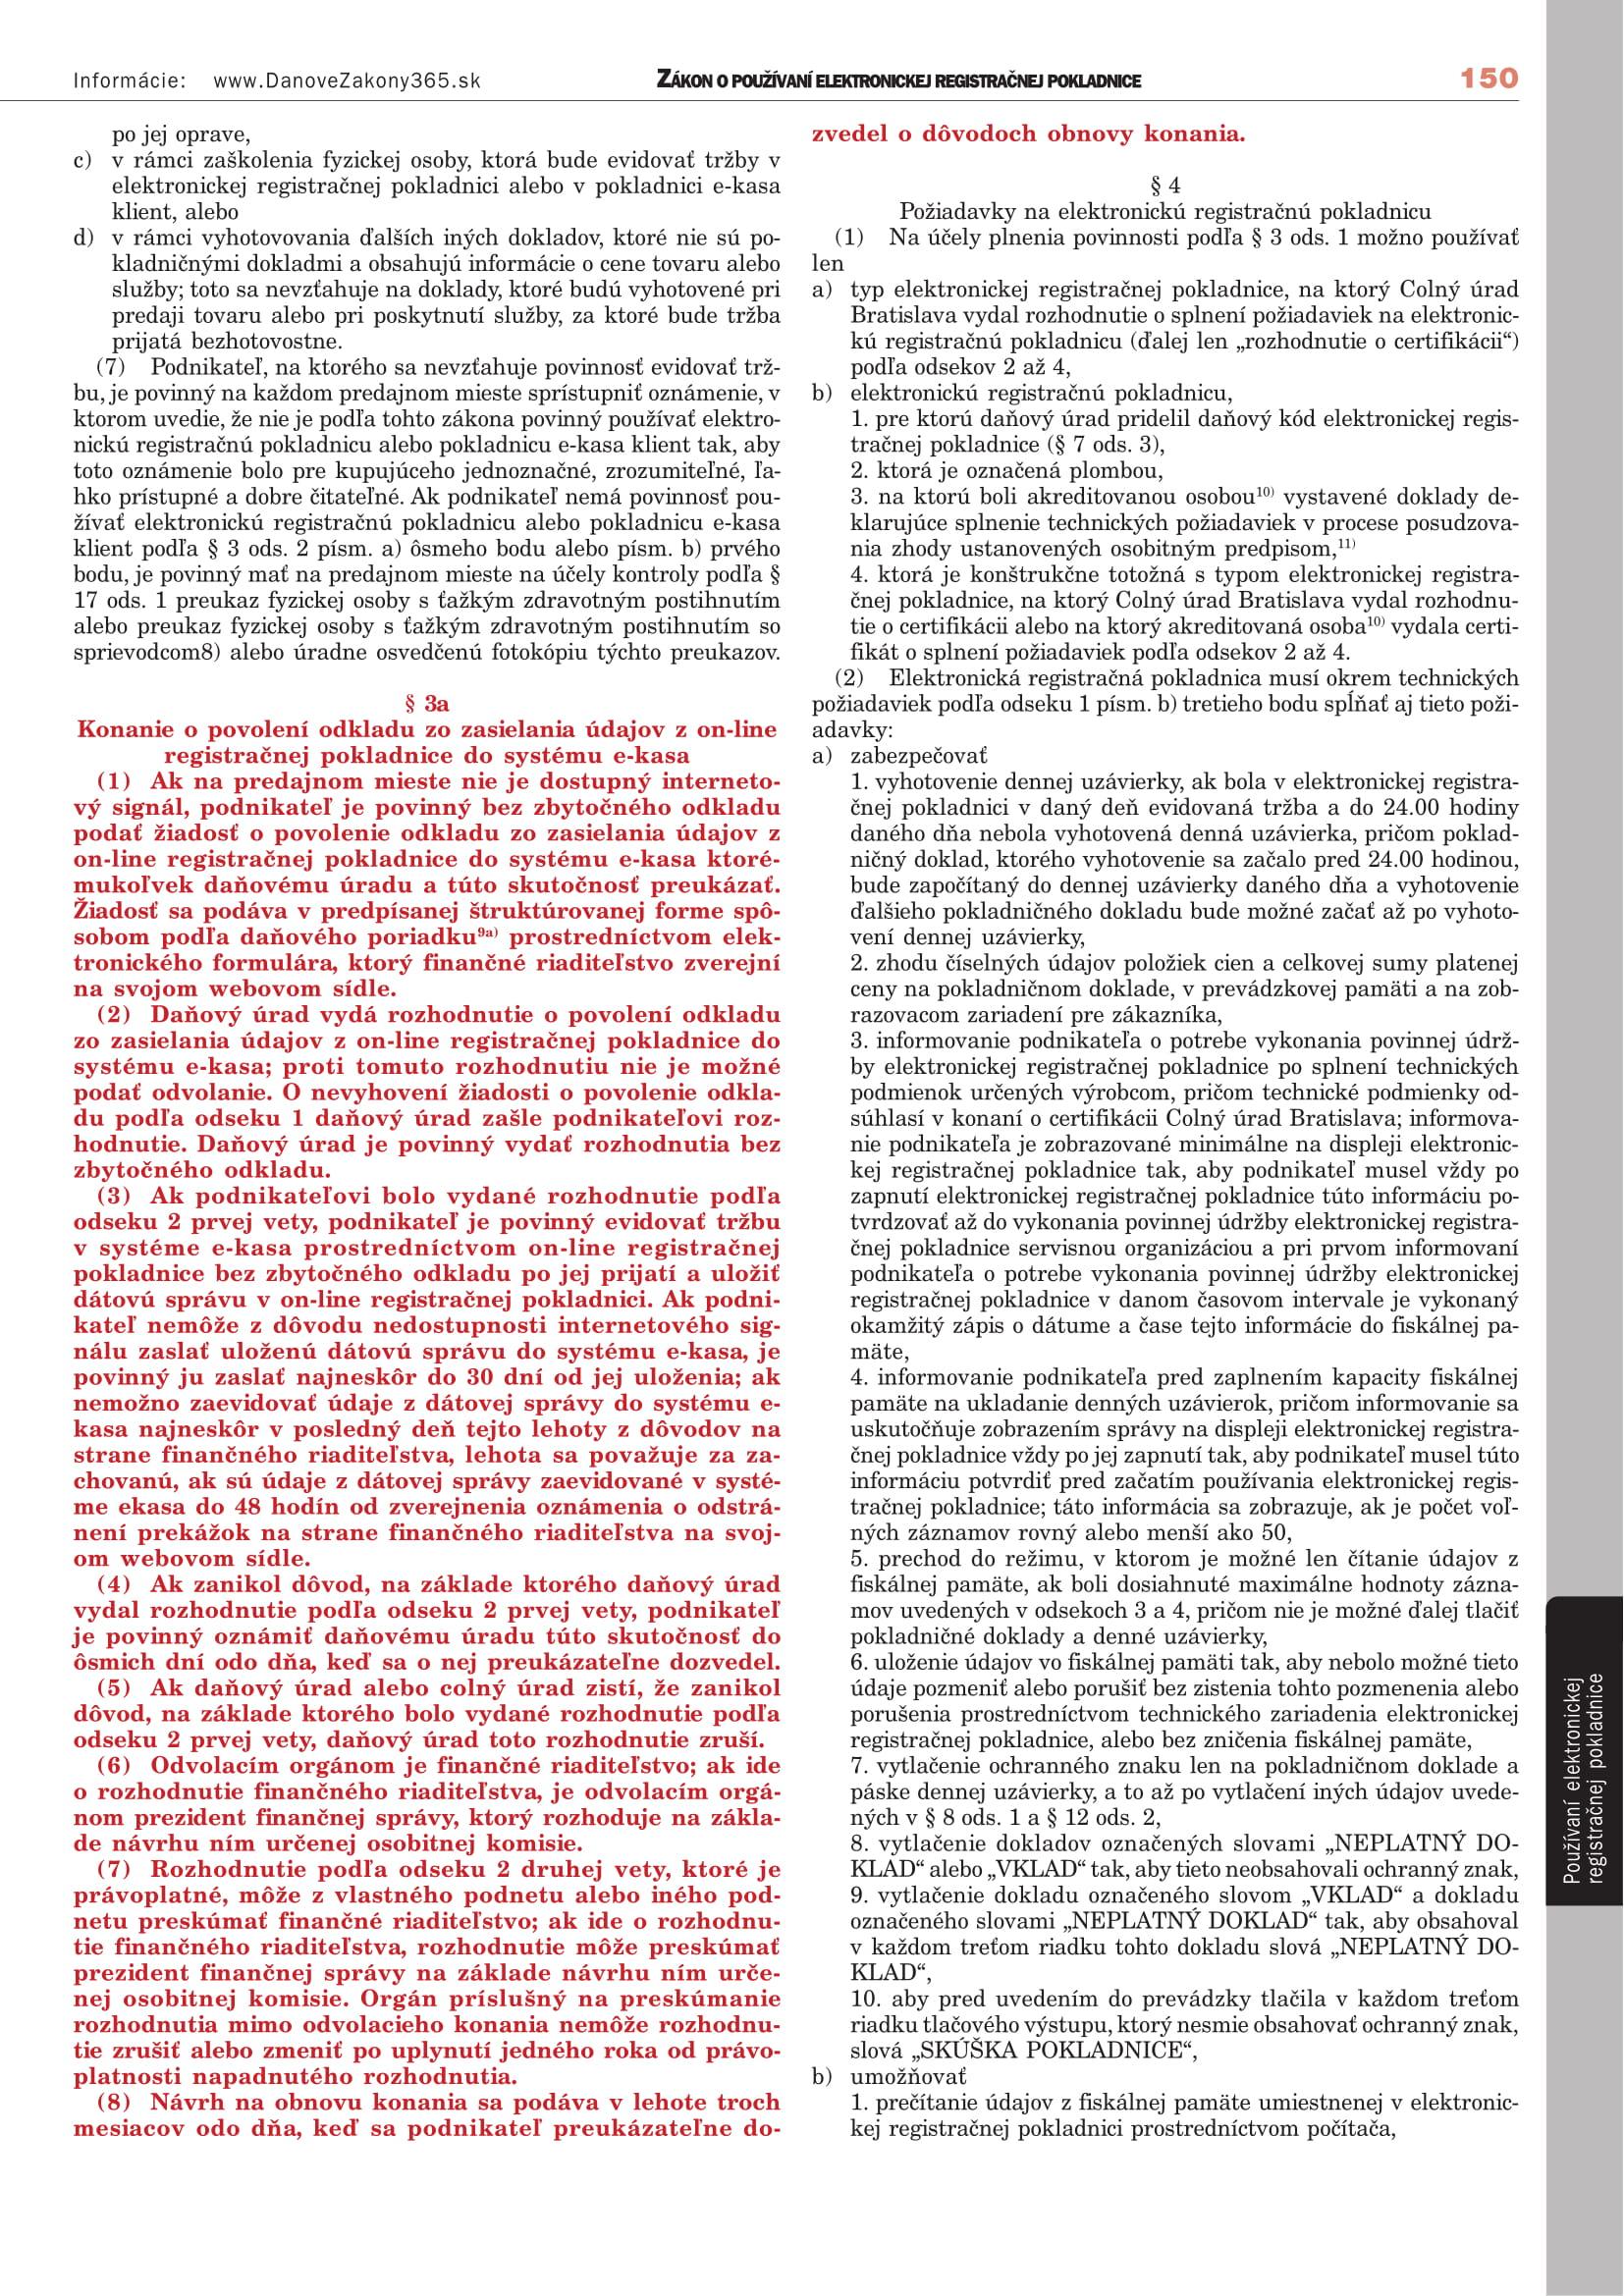 alto_zakon_o_registracnych_pokladniach_2019_po_jednej_stranane-05